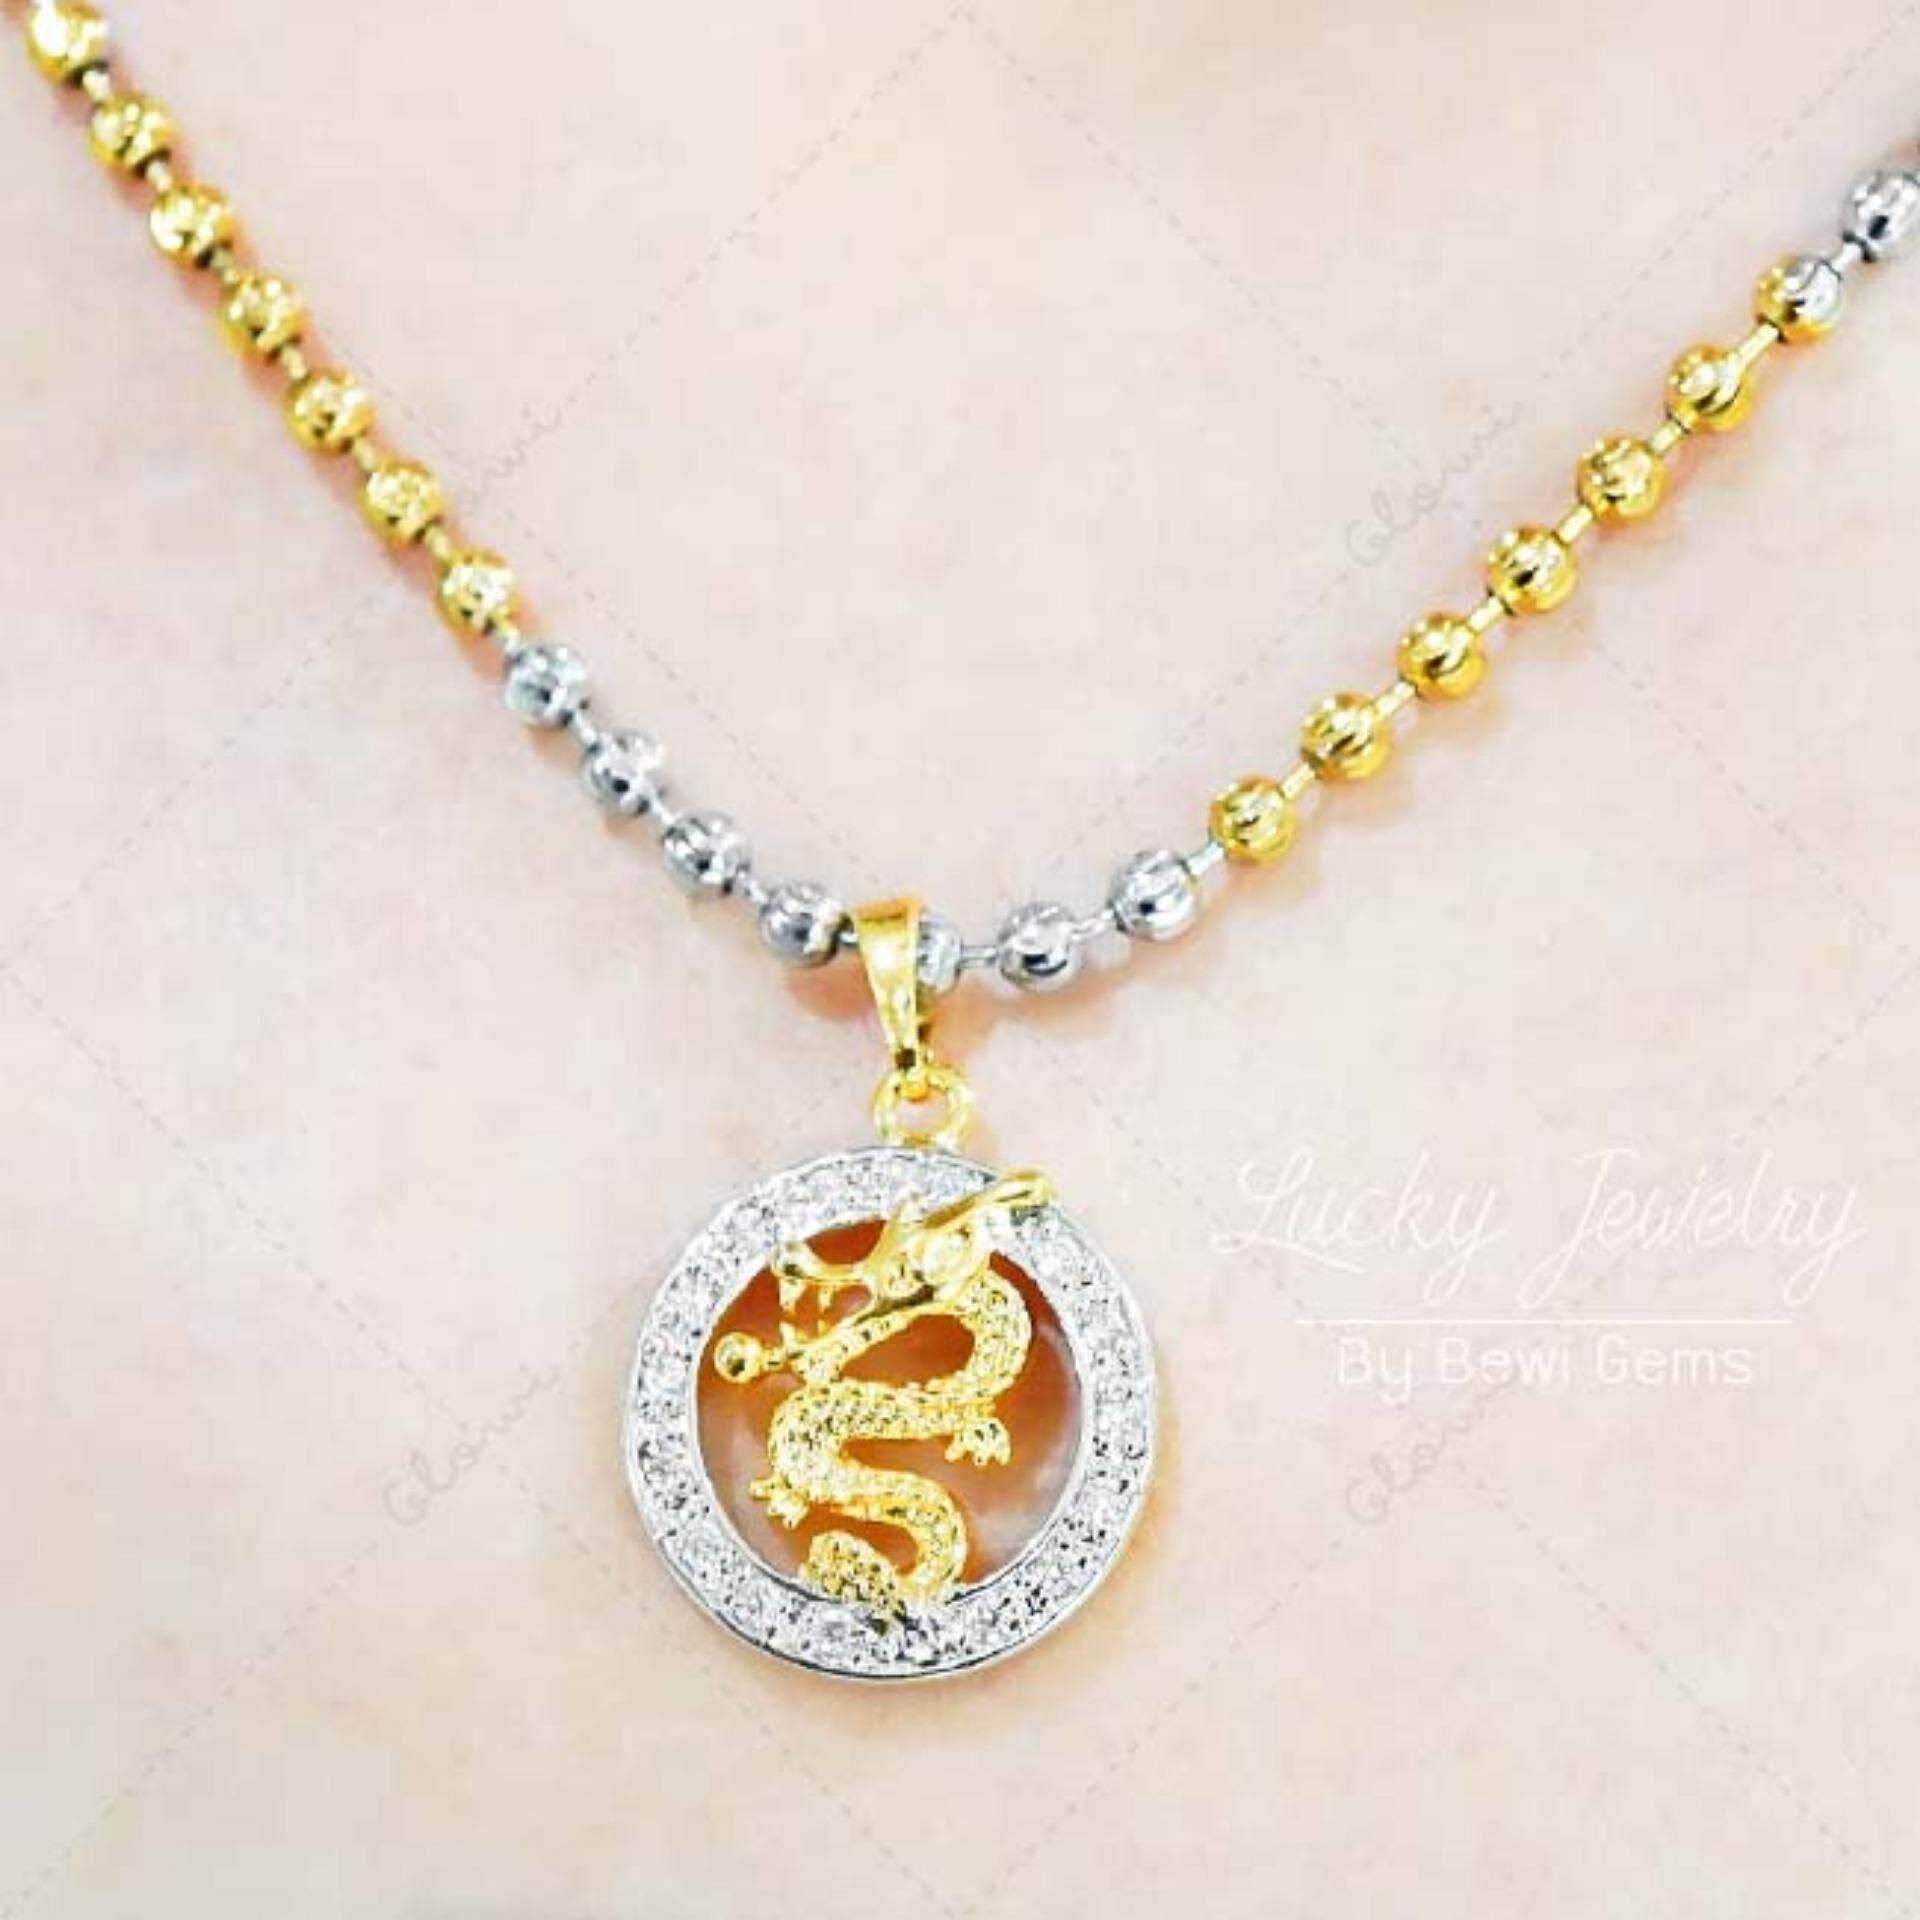 ขาย Bewi G จี้พร้อมสร้อย จี้ลวดลายมังกรสีทองล้อมเพชรสีเงิน จี้นำโชค เสริมดวง พร้อม สร้อยทองเคอิตาลี รุ่น Bg N0010 Bg P0023 สีทอง Gold ออนไลน์ ใน ไทย